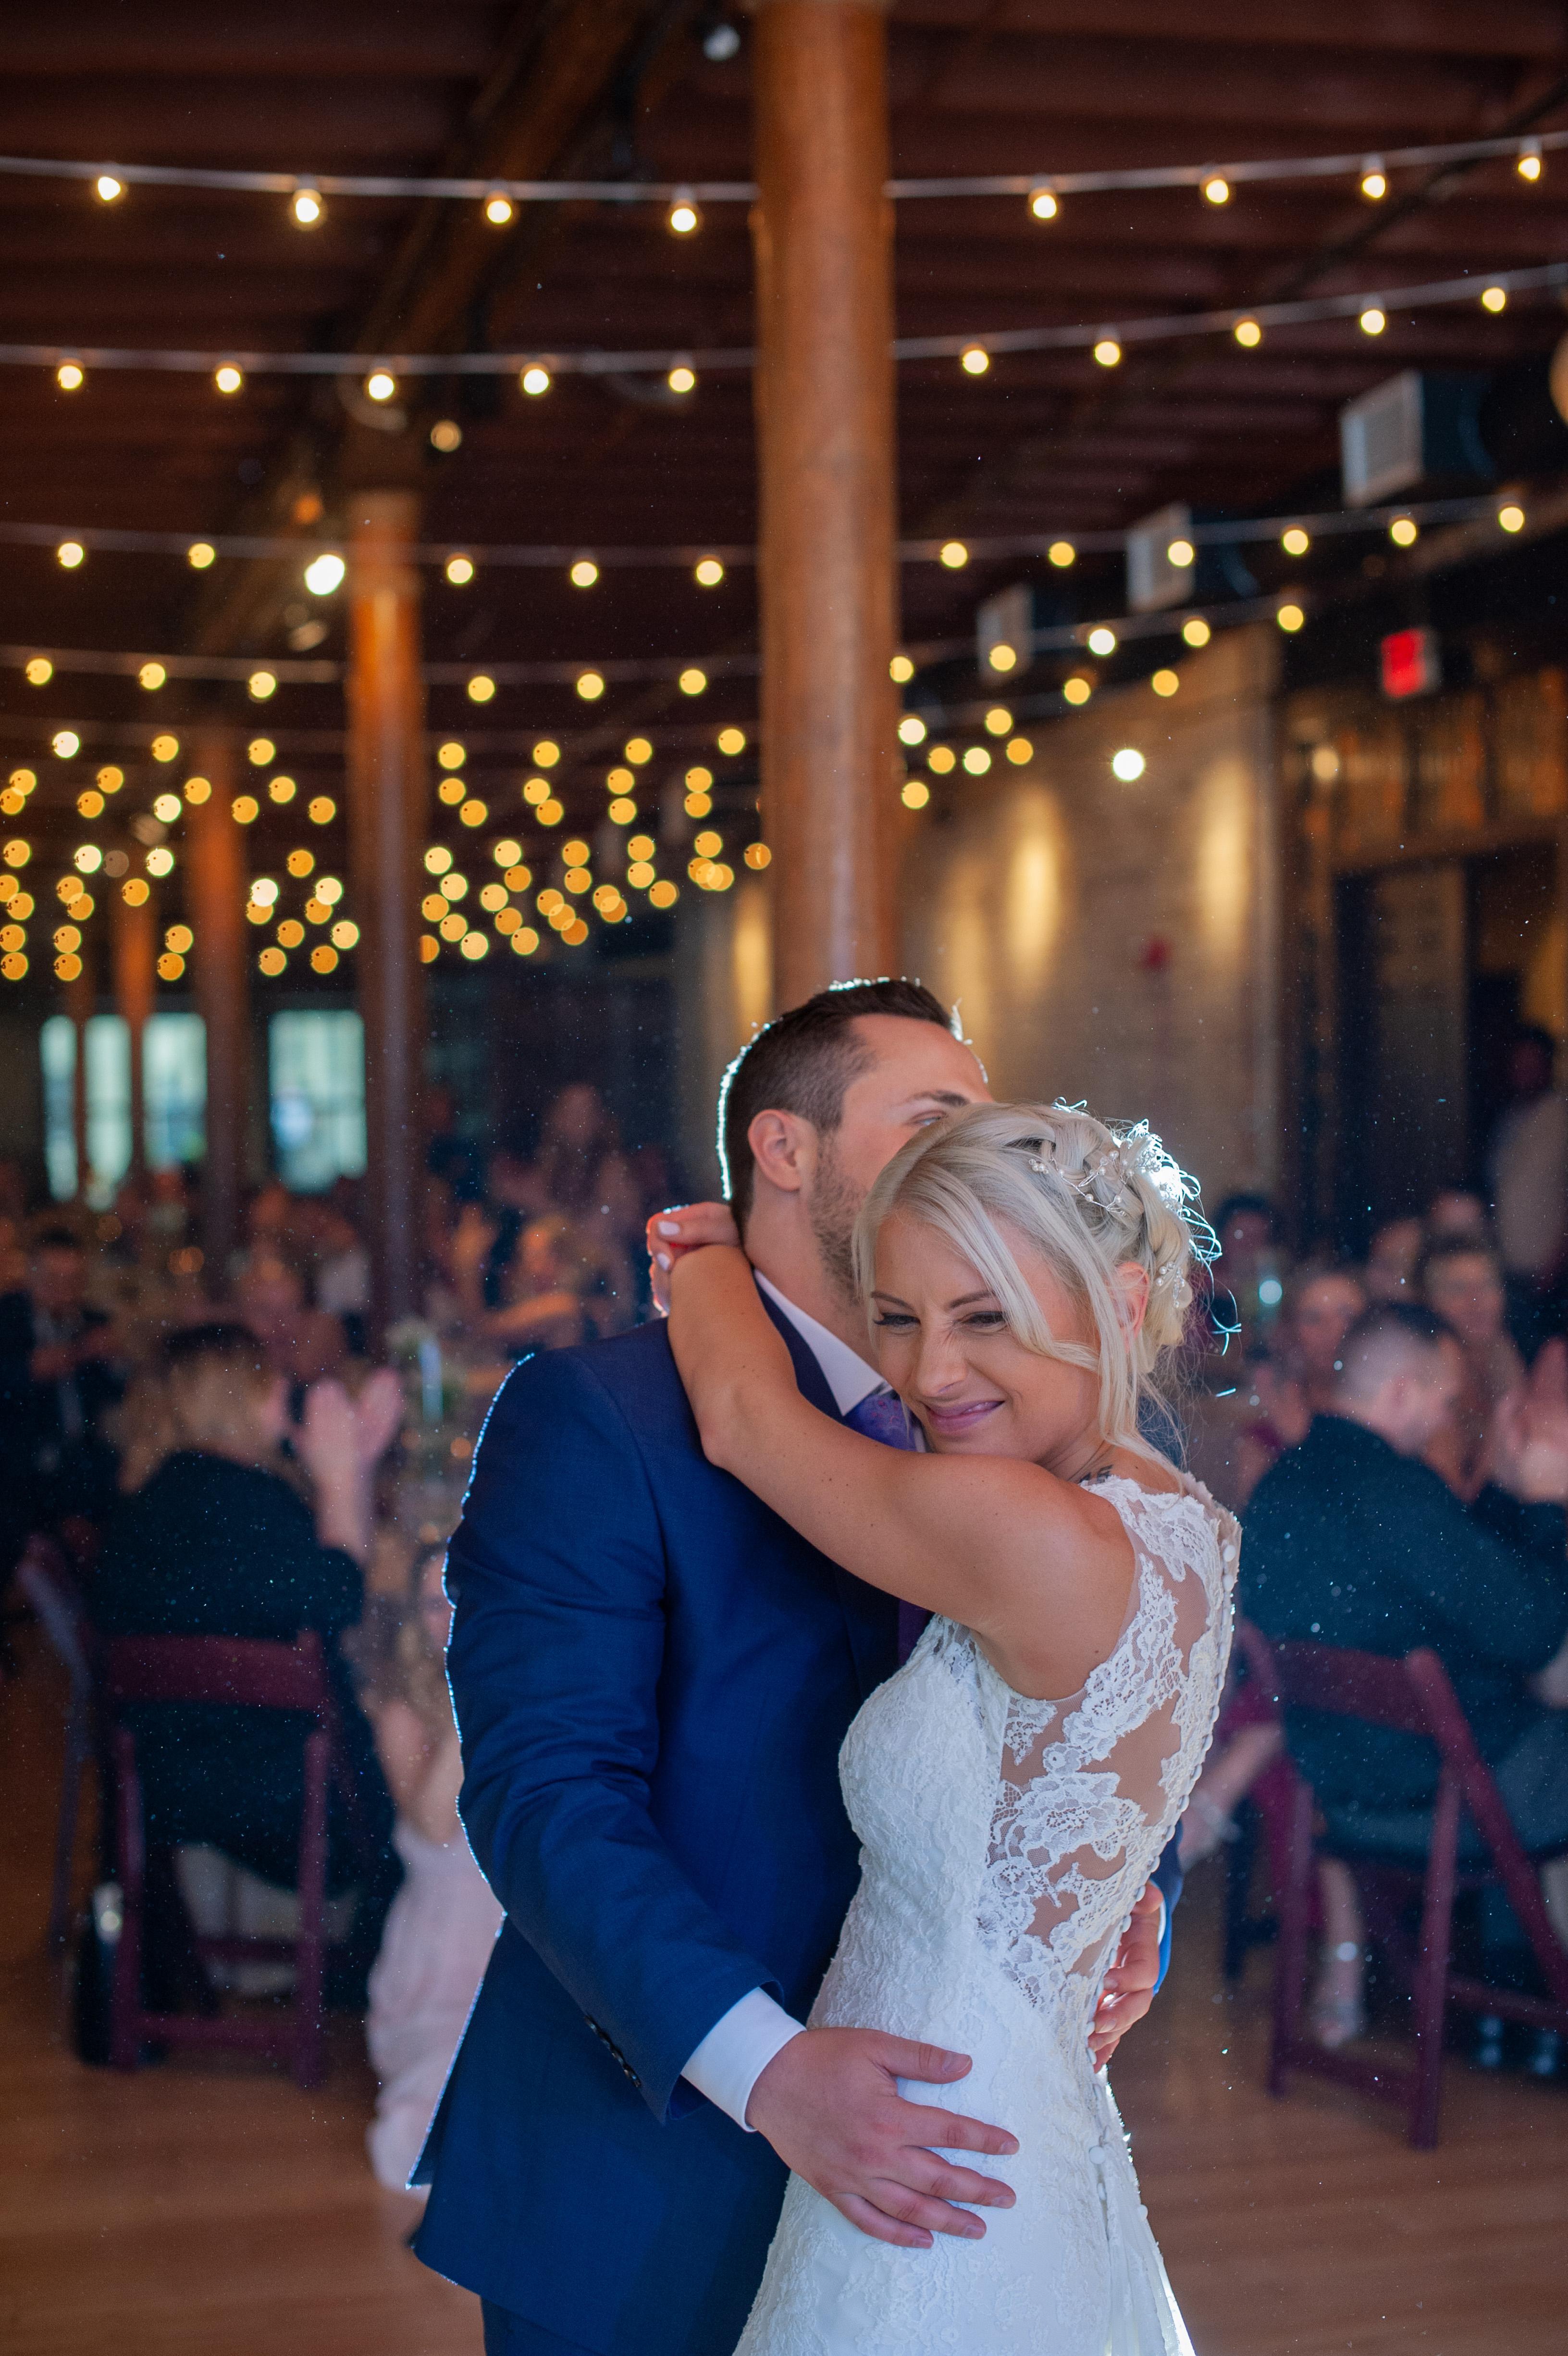 Milwaukee Wedding Photography-Jadon Good Photography_153